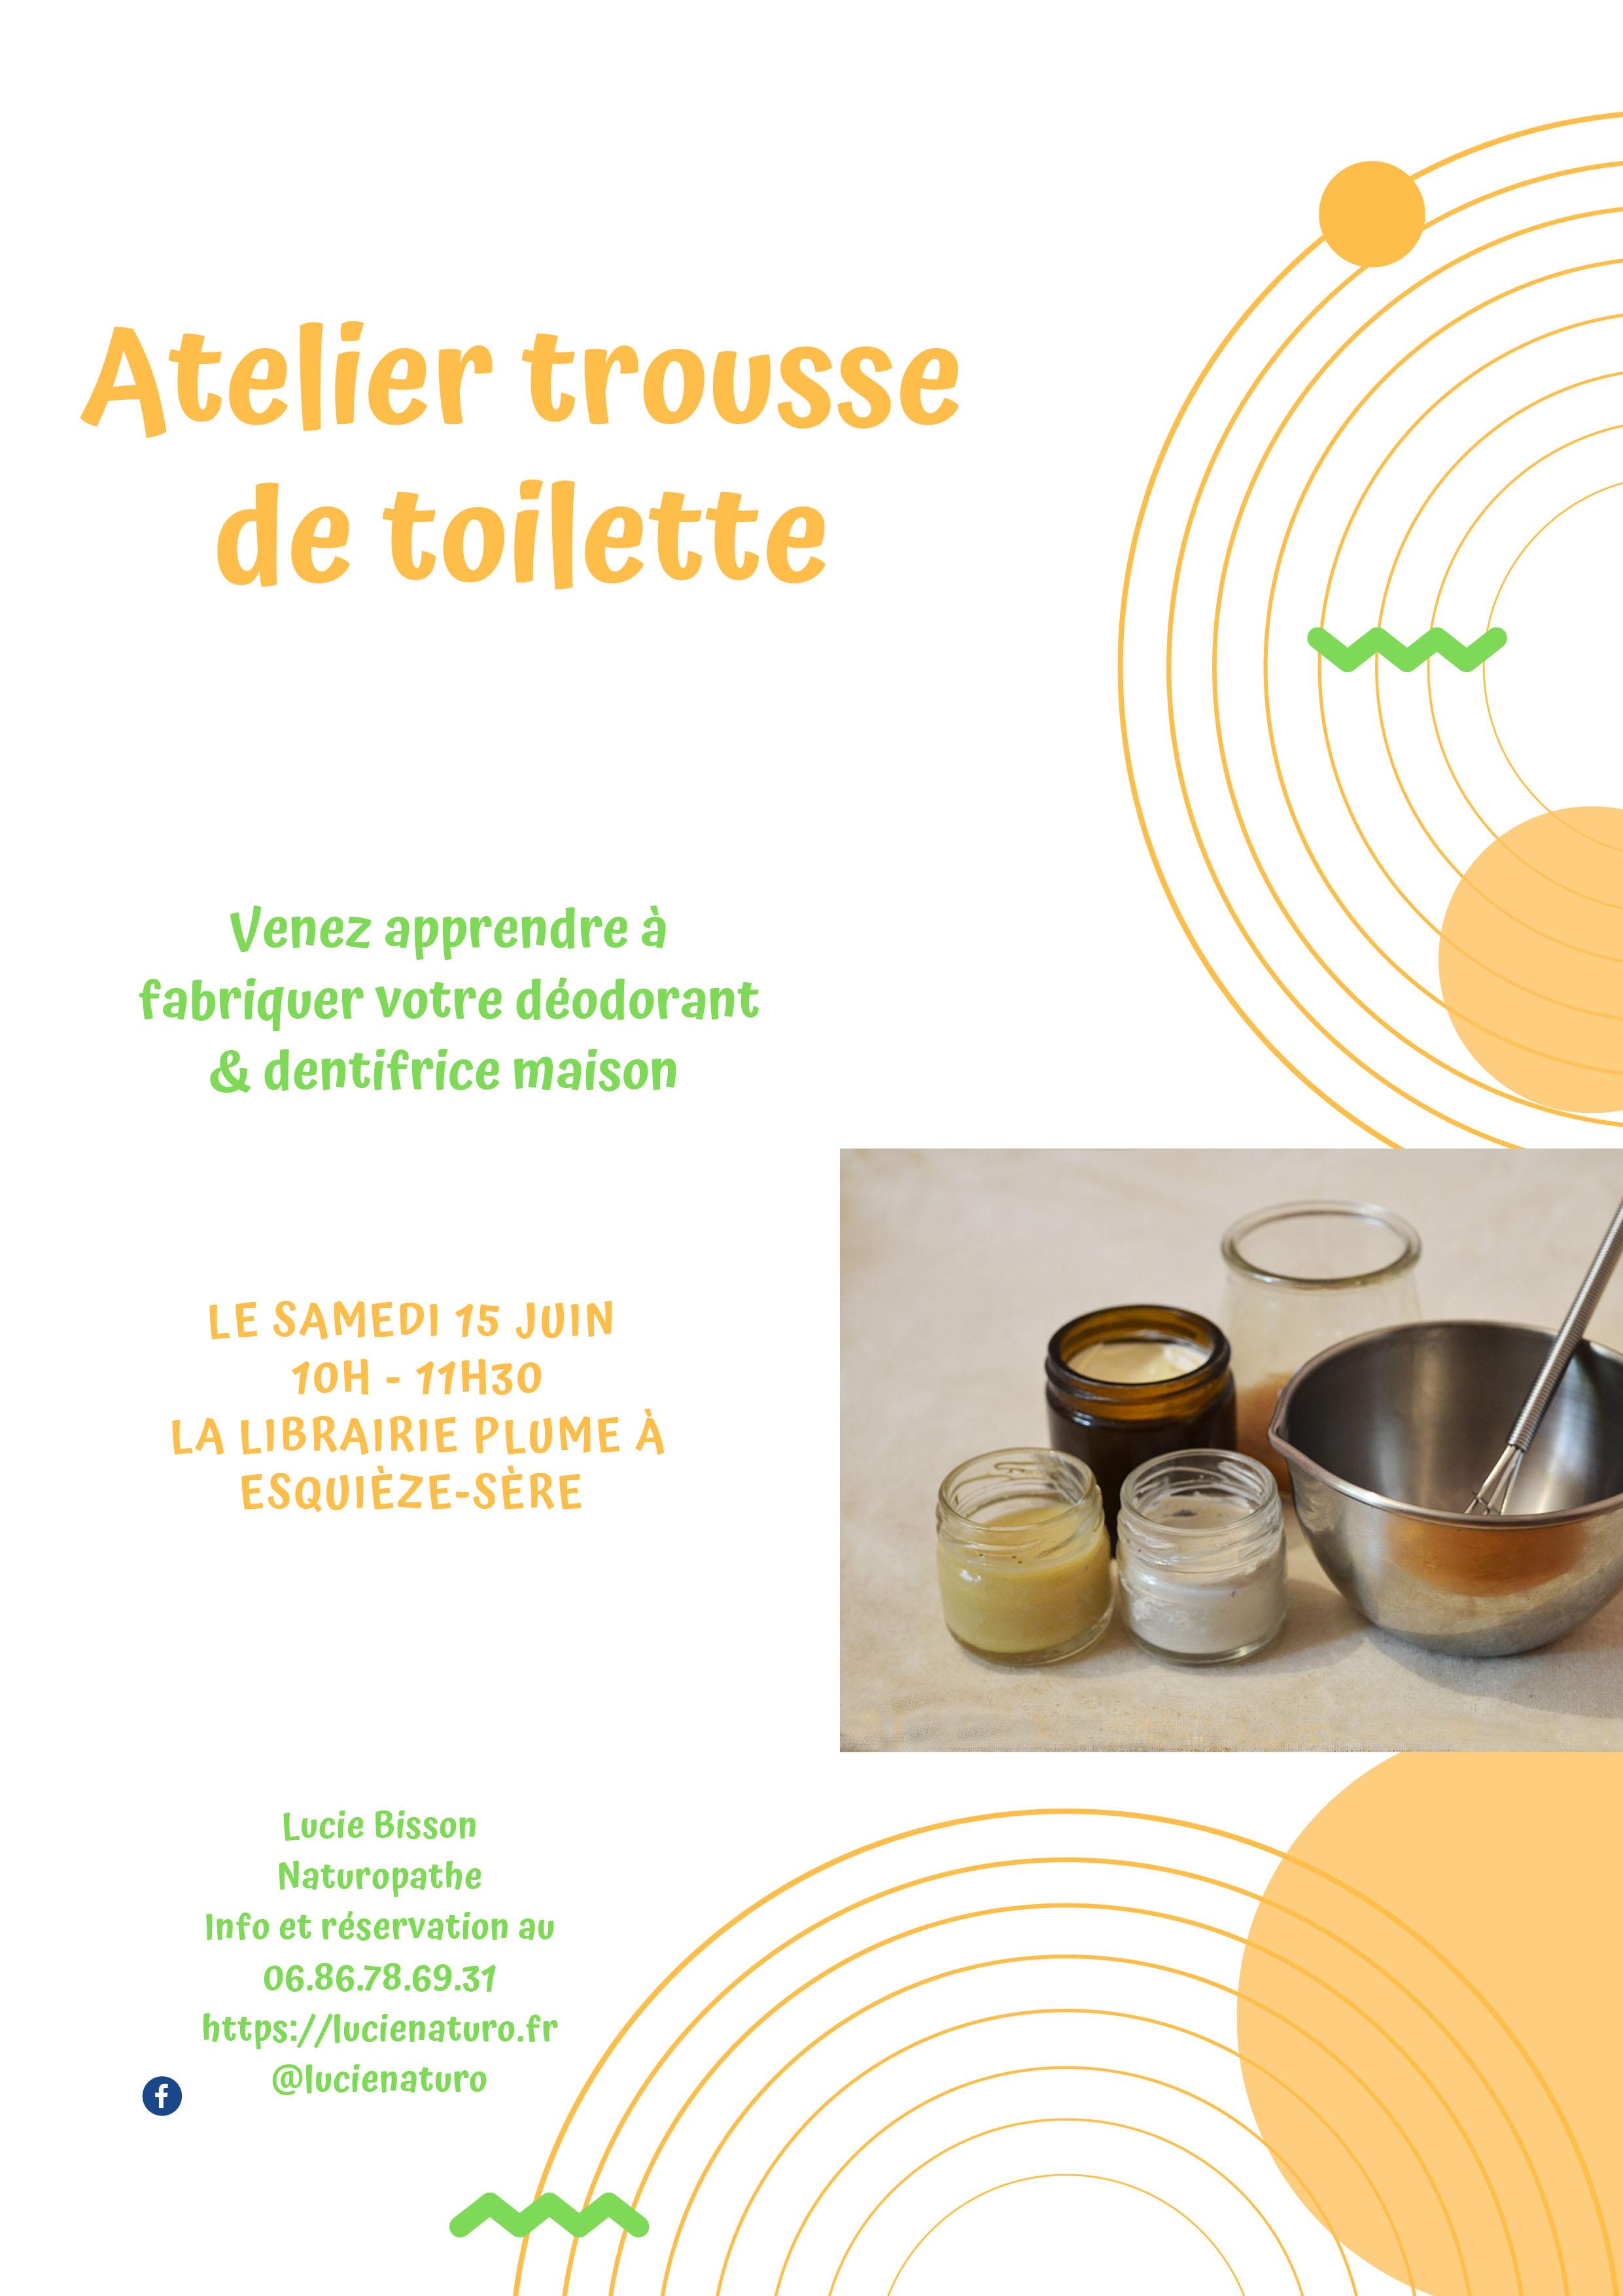 Atelier Luz-St-Sauveur